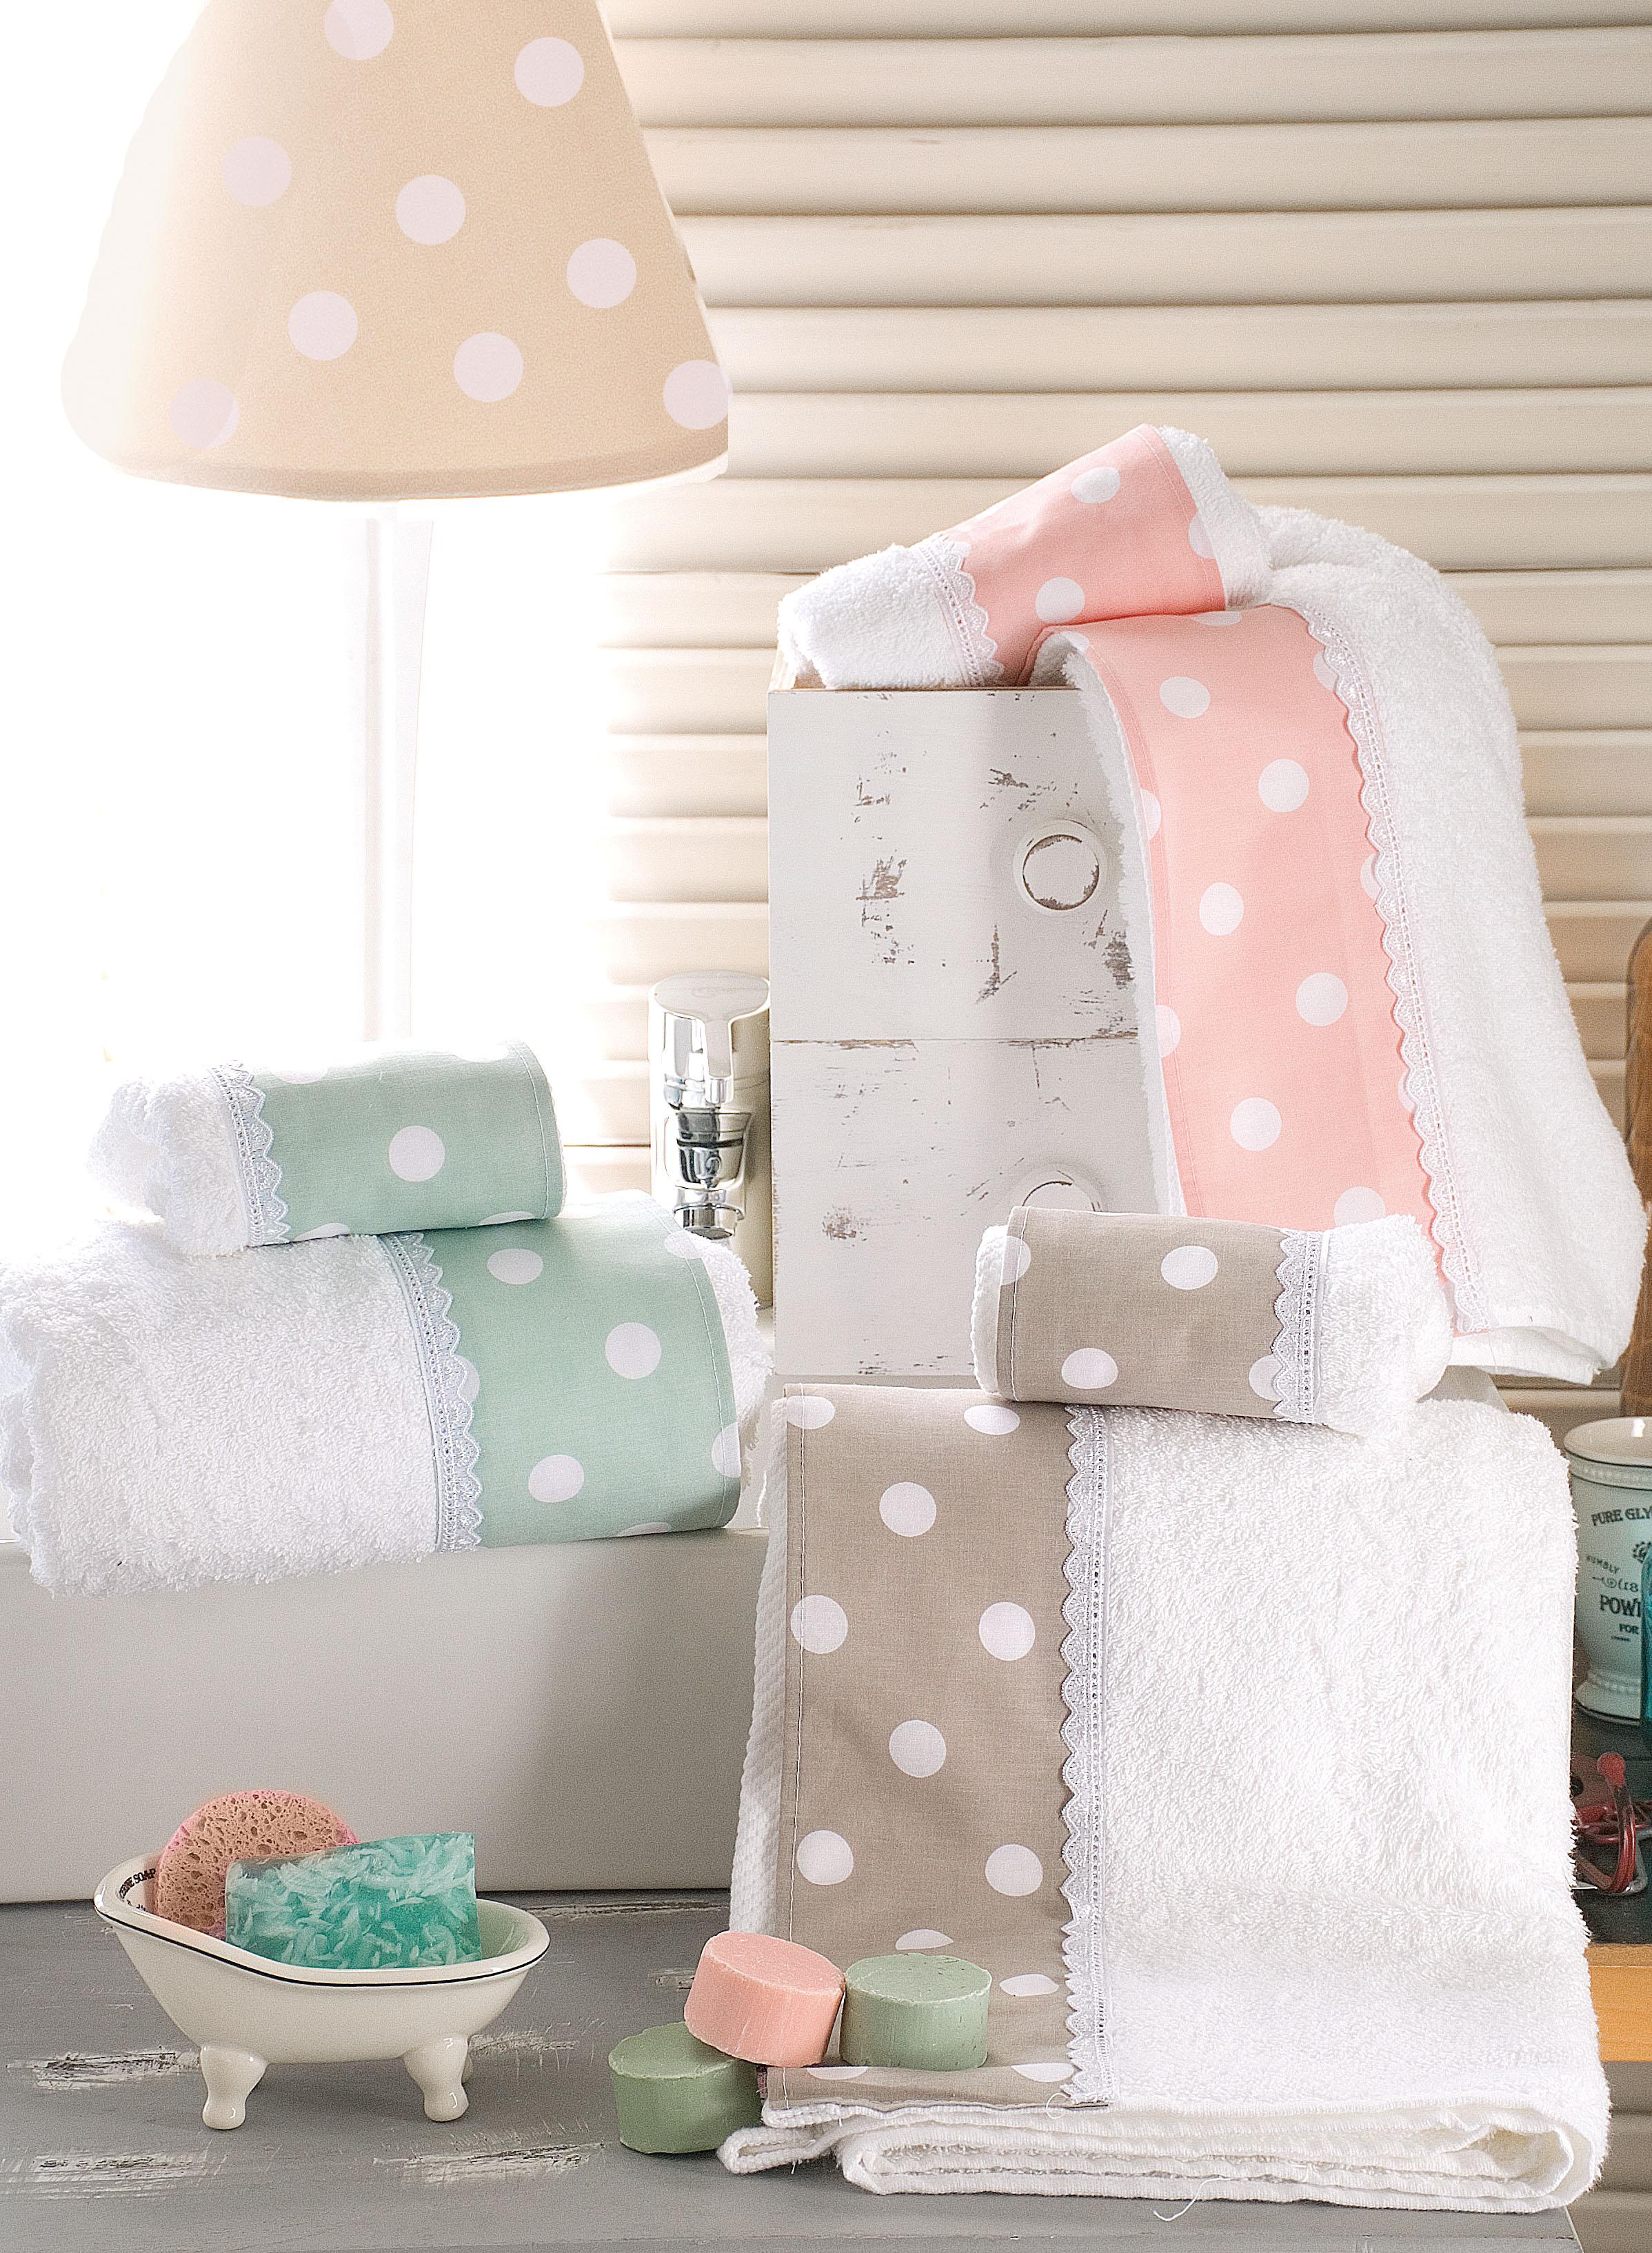 Σετ παιδικές πετσέτες 2 τεμ. SOFT BEIGE, RYTHMOS HOME παιδικα   πετσέτες παιδικές